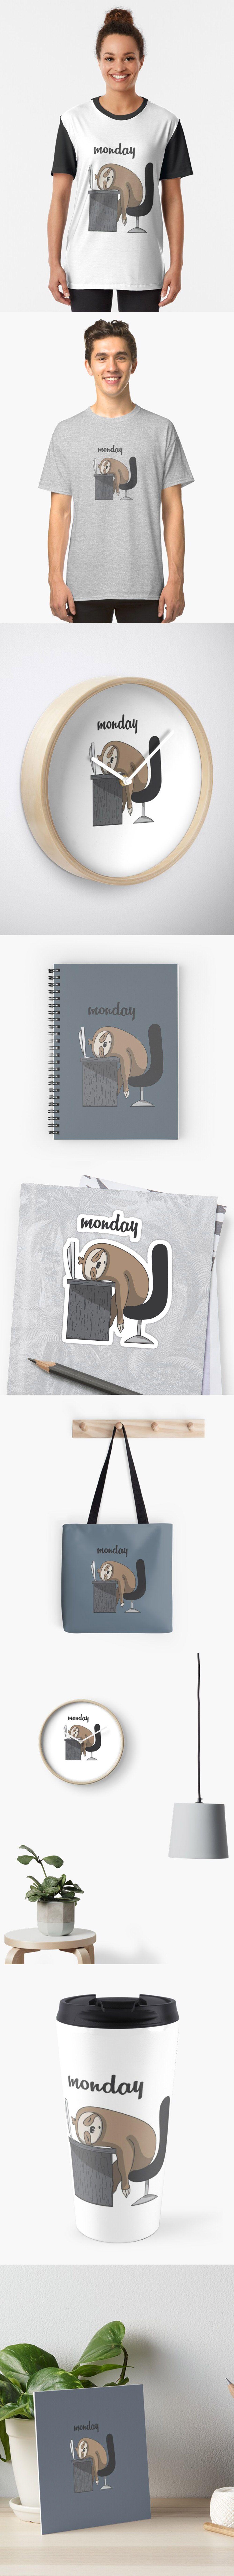 #findyourthing ON #redbbuble at #babygnom shop... #sloth #hardwork #lazy #Monday #work #office #Mondayquotes #working #slow #ihatemondays #mondaymotivation #mondaymood #mondayblues #Sloth #cutesloth